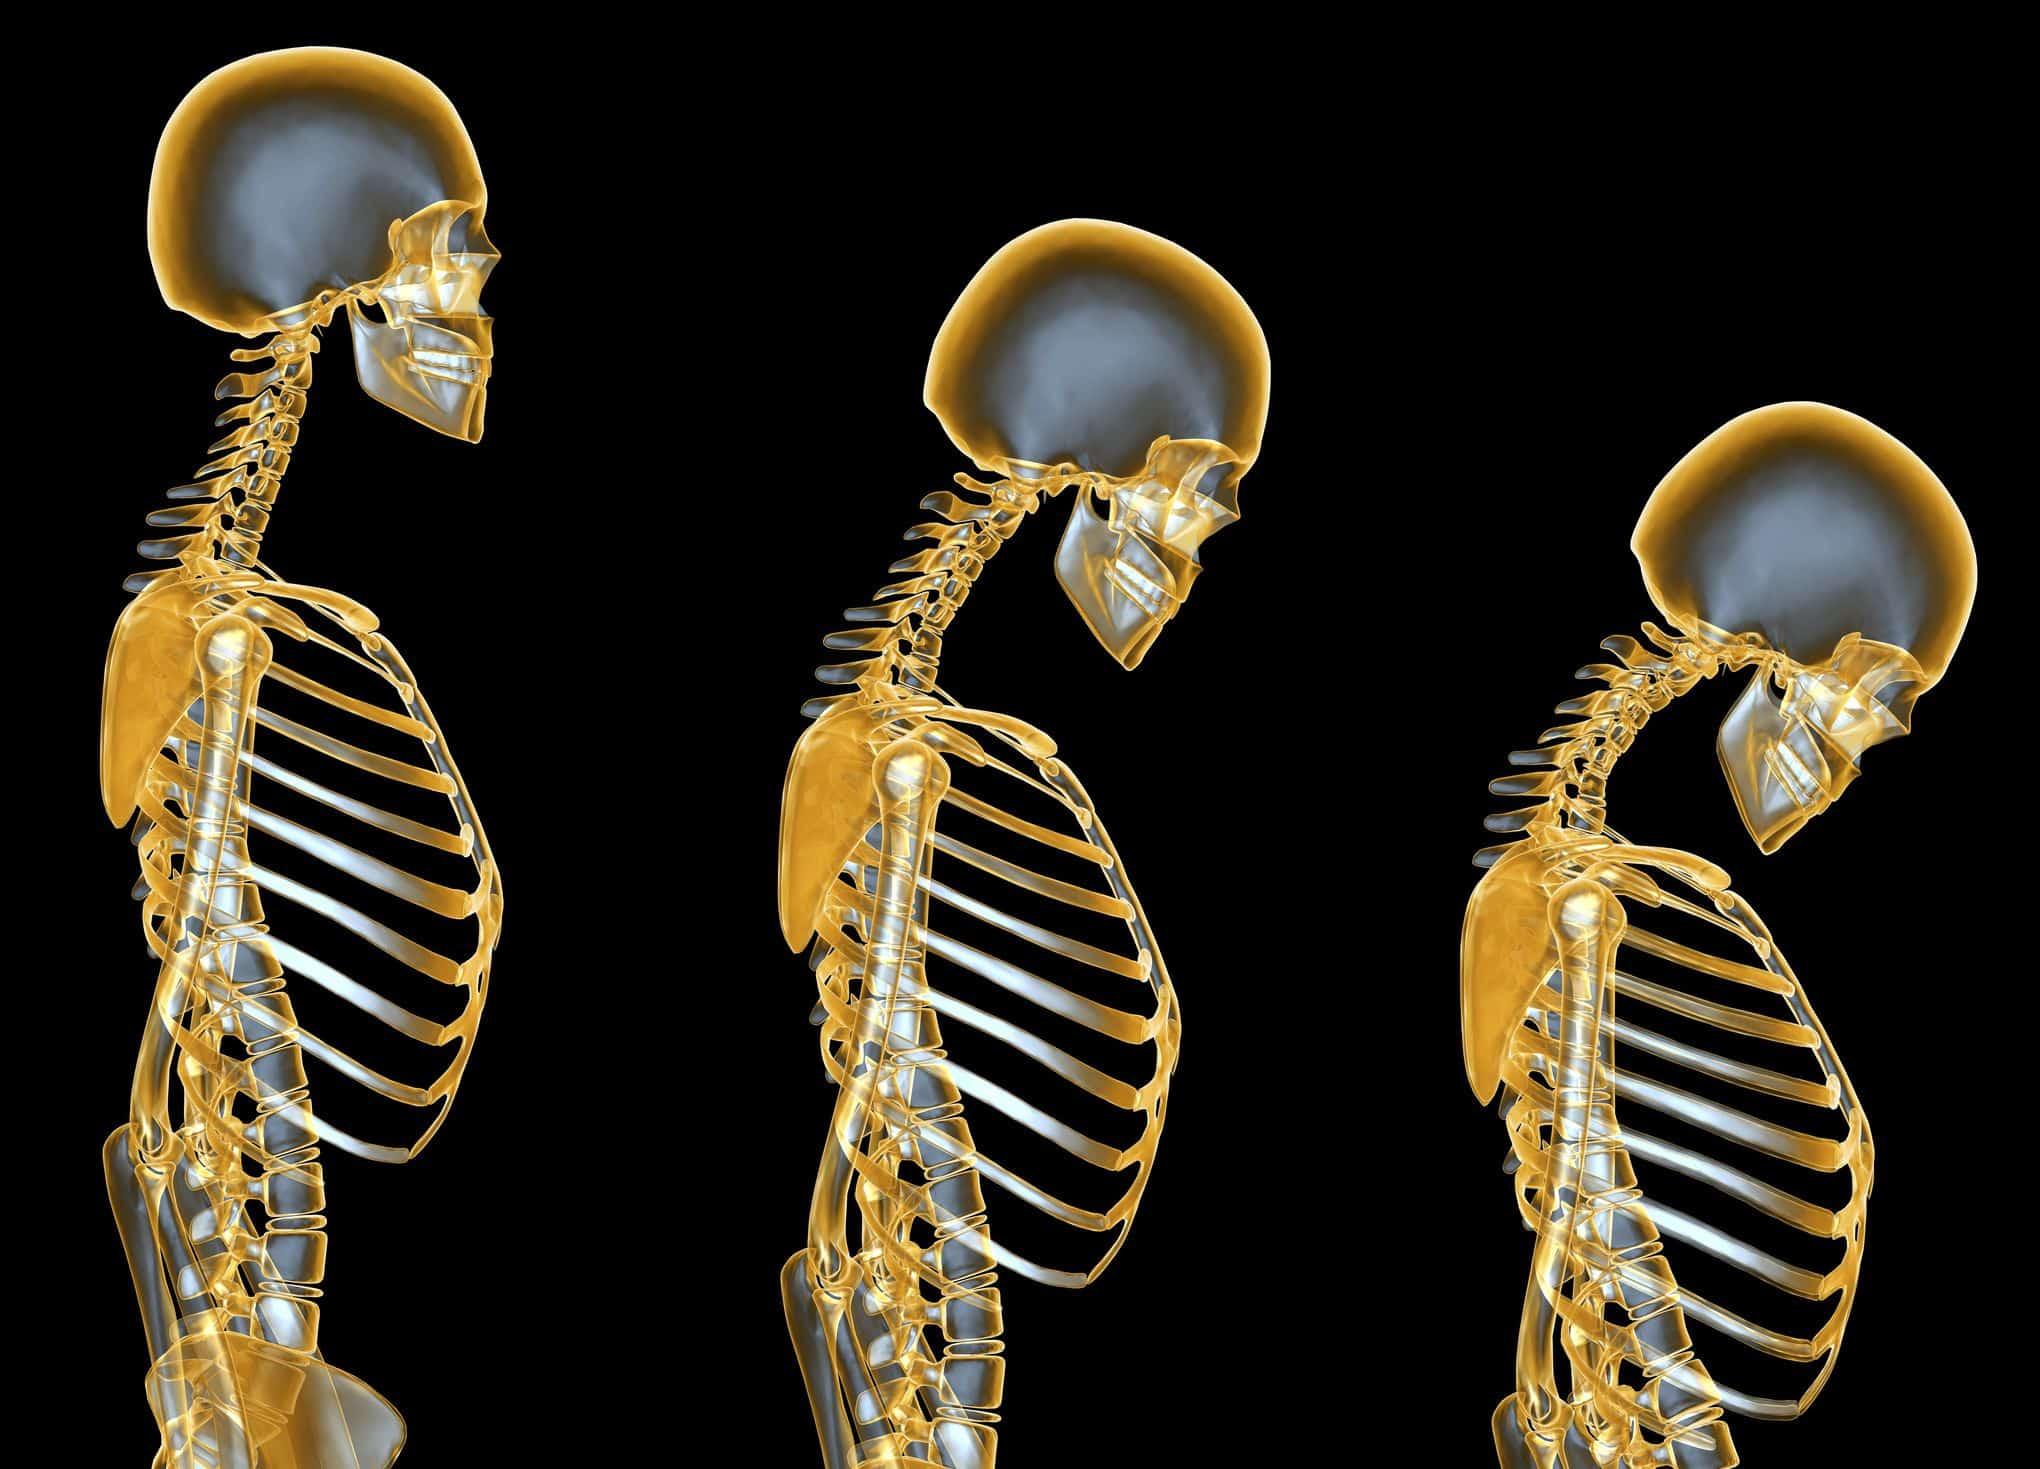 ماهو مرض هشاشة العظام ؟